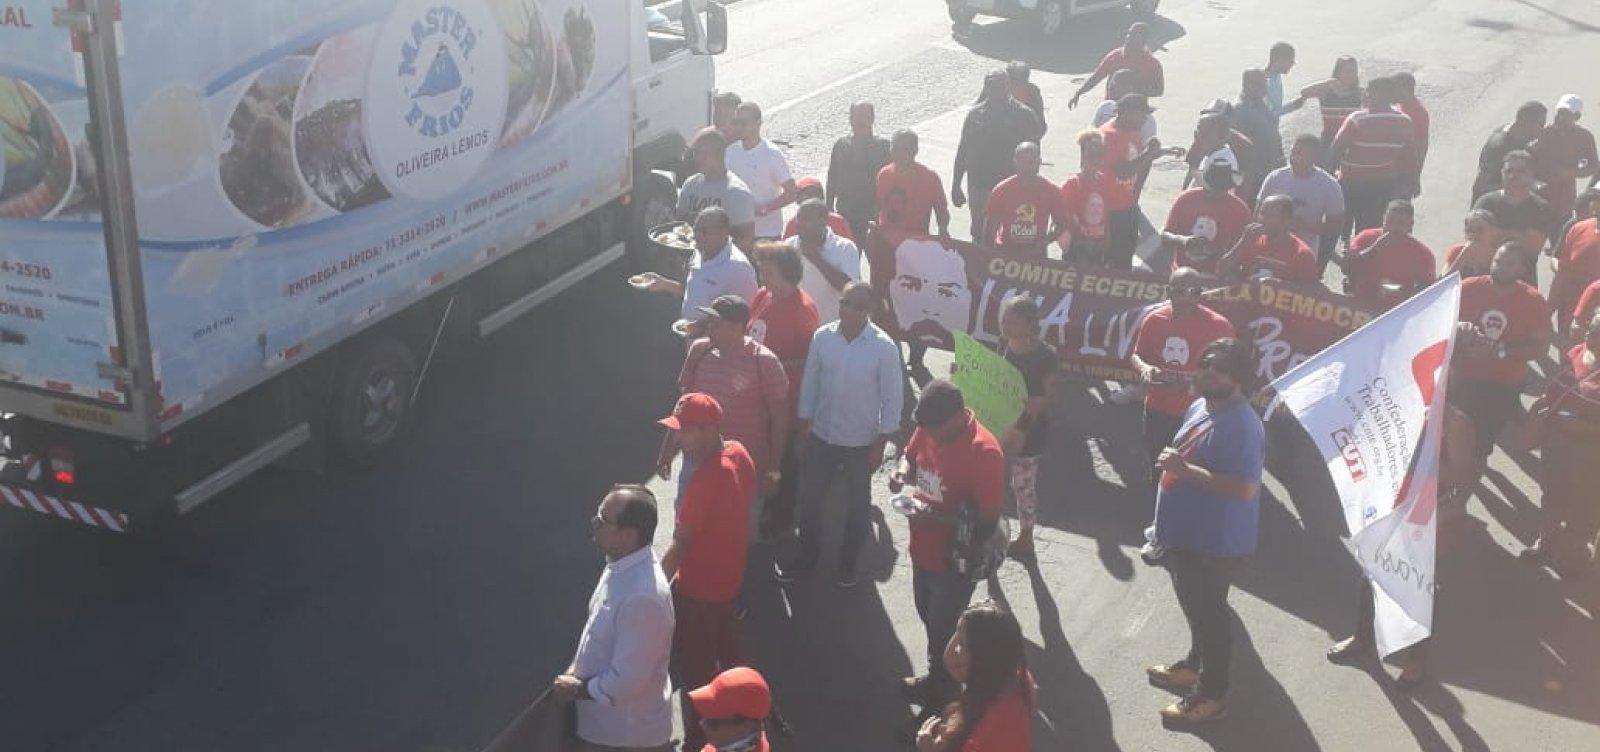 [Manifestantes contra reforma da Previdência protestam na Estrada do Coco]